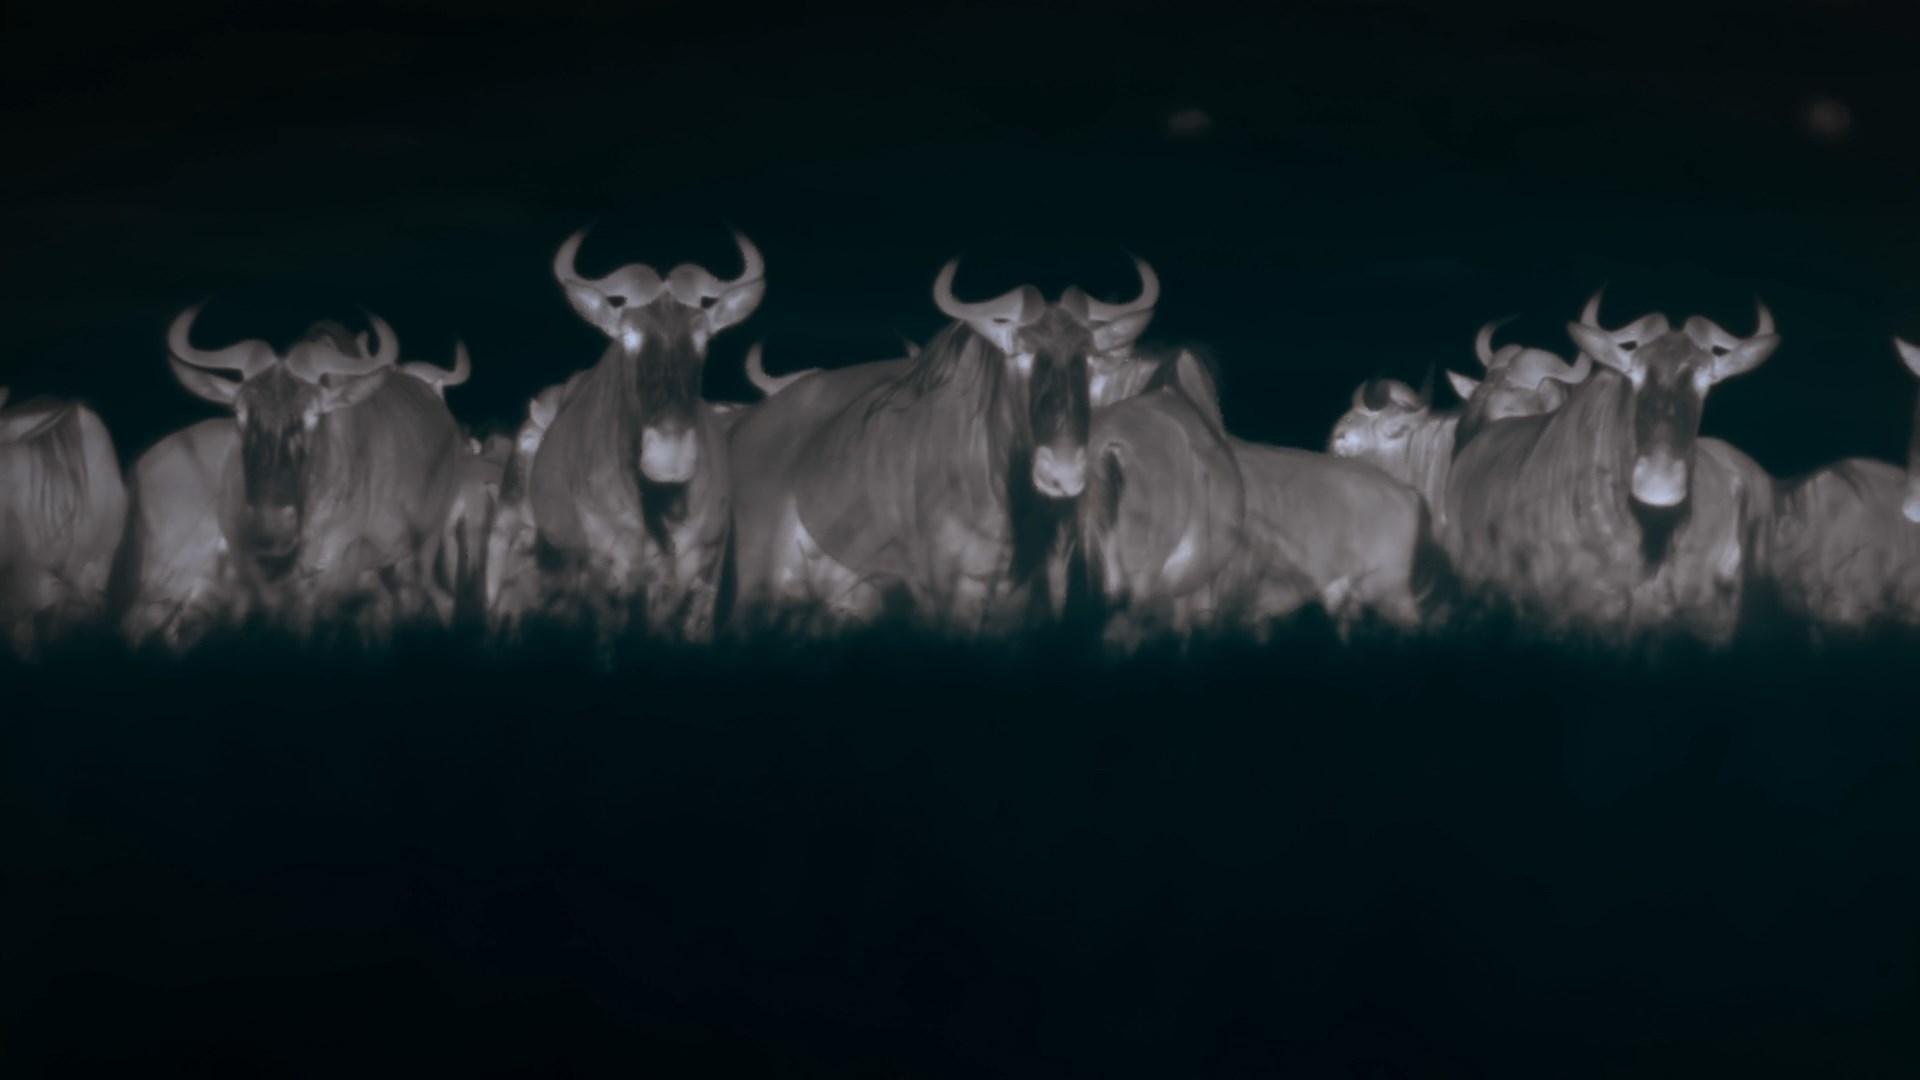 الليل على الأرض Night On Earth[مترجم] [1080p] تحميل تورنت 5 arabp2p.com